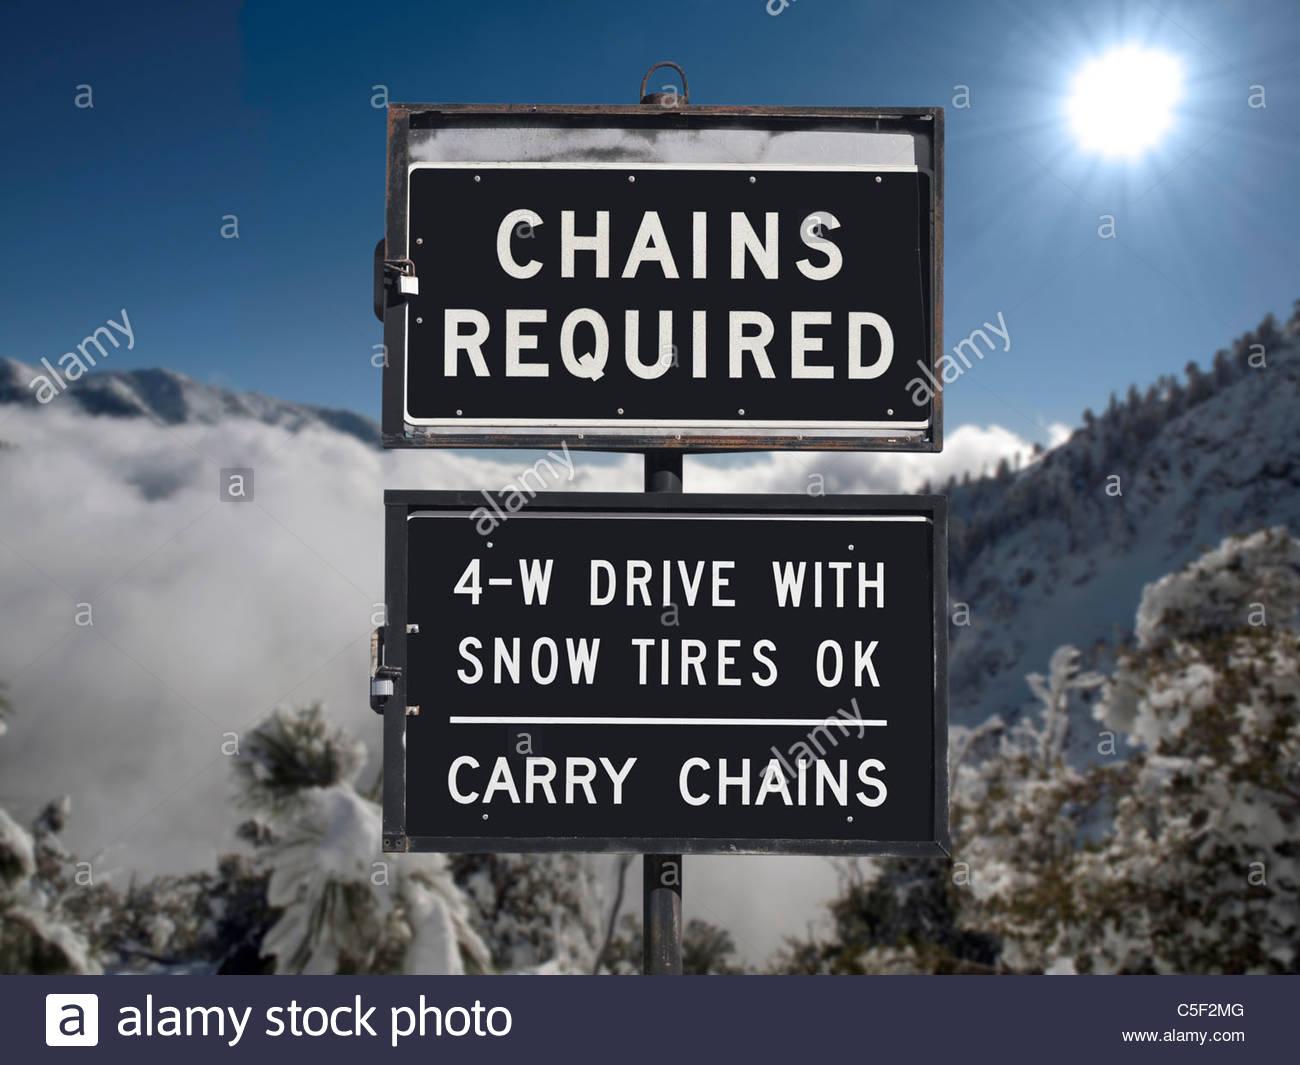 Les chaînes ou pneus neige panneau requis avec décor de montagnes. Photo Stock